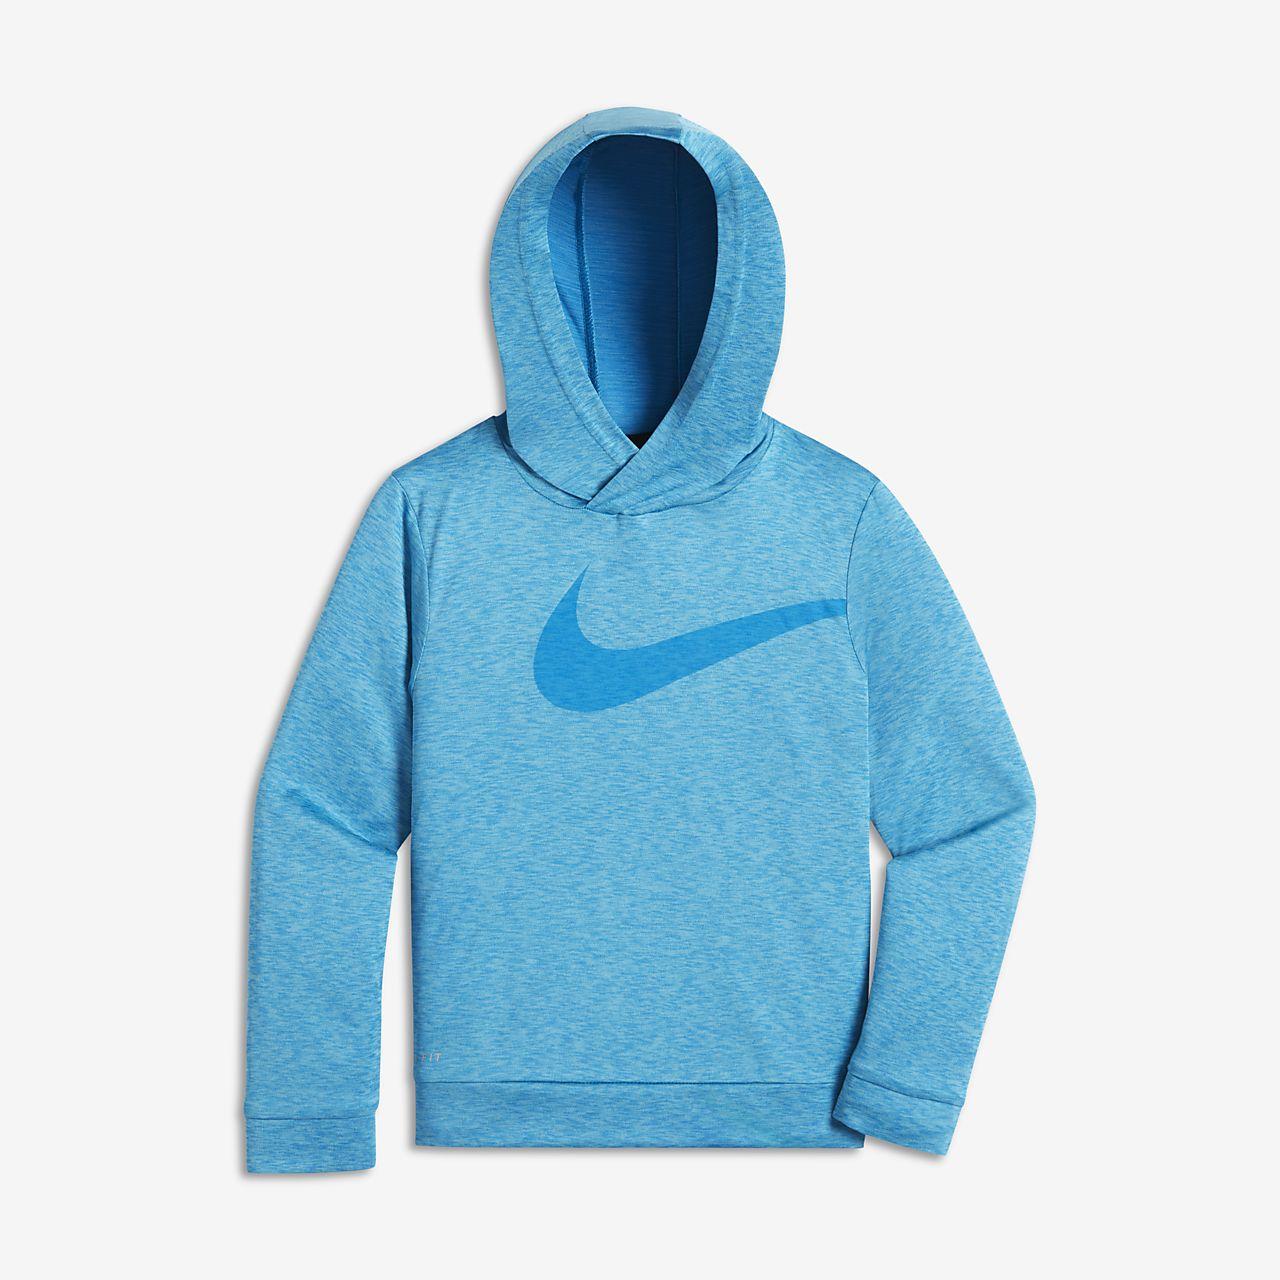 Felpa con cappuccio Nike Dry Swoosh - Bambino